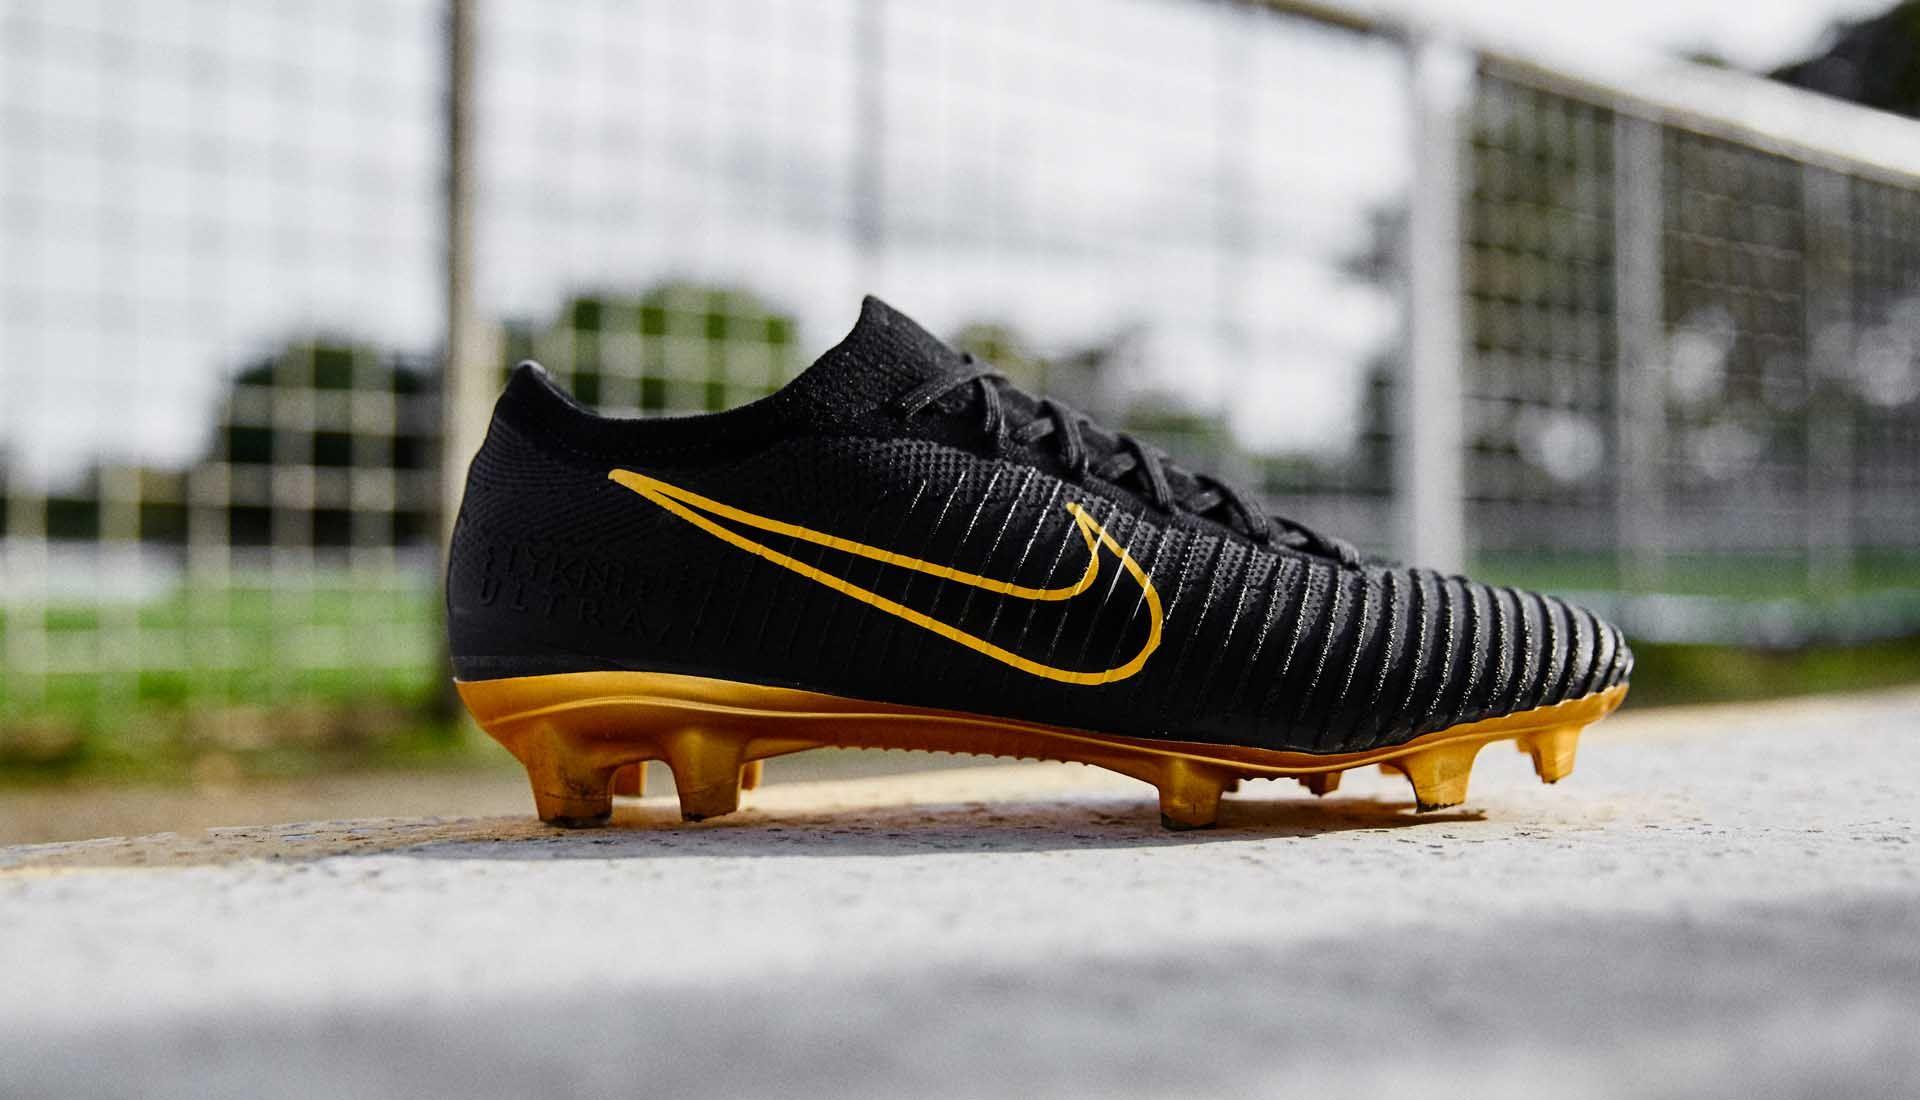 Giày bóng đá da vải thường có lớp trong làm bằng vải và phủ nhựa mỏng bên ngoài